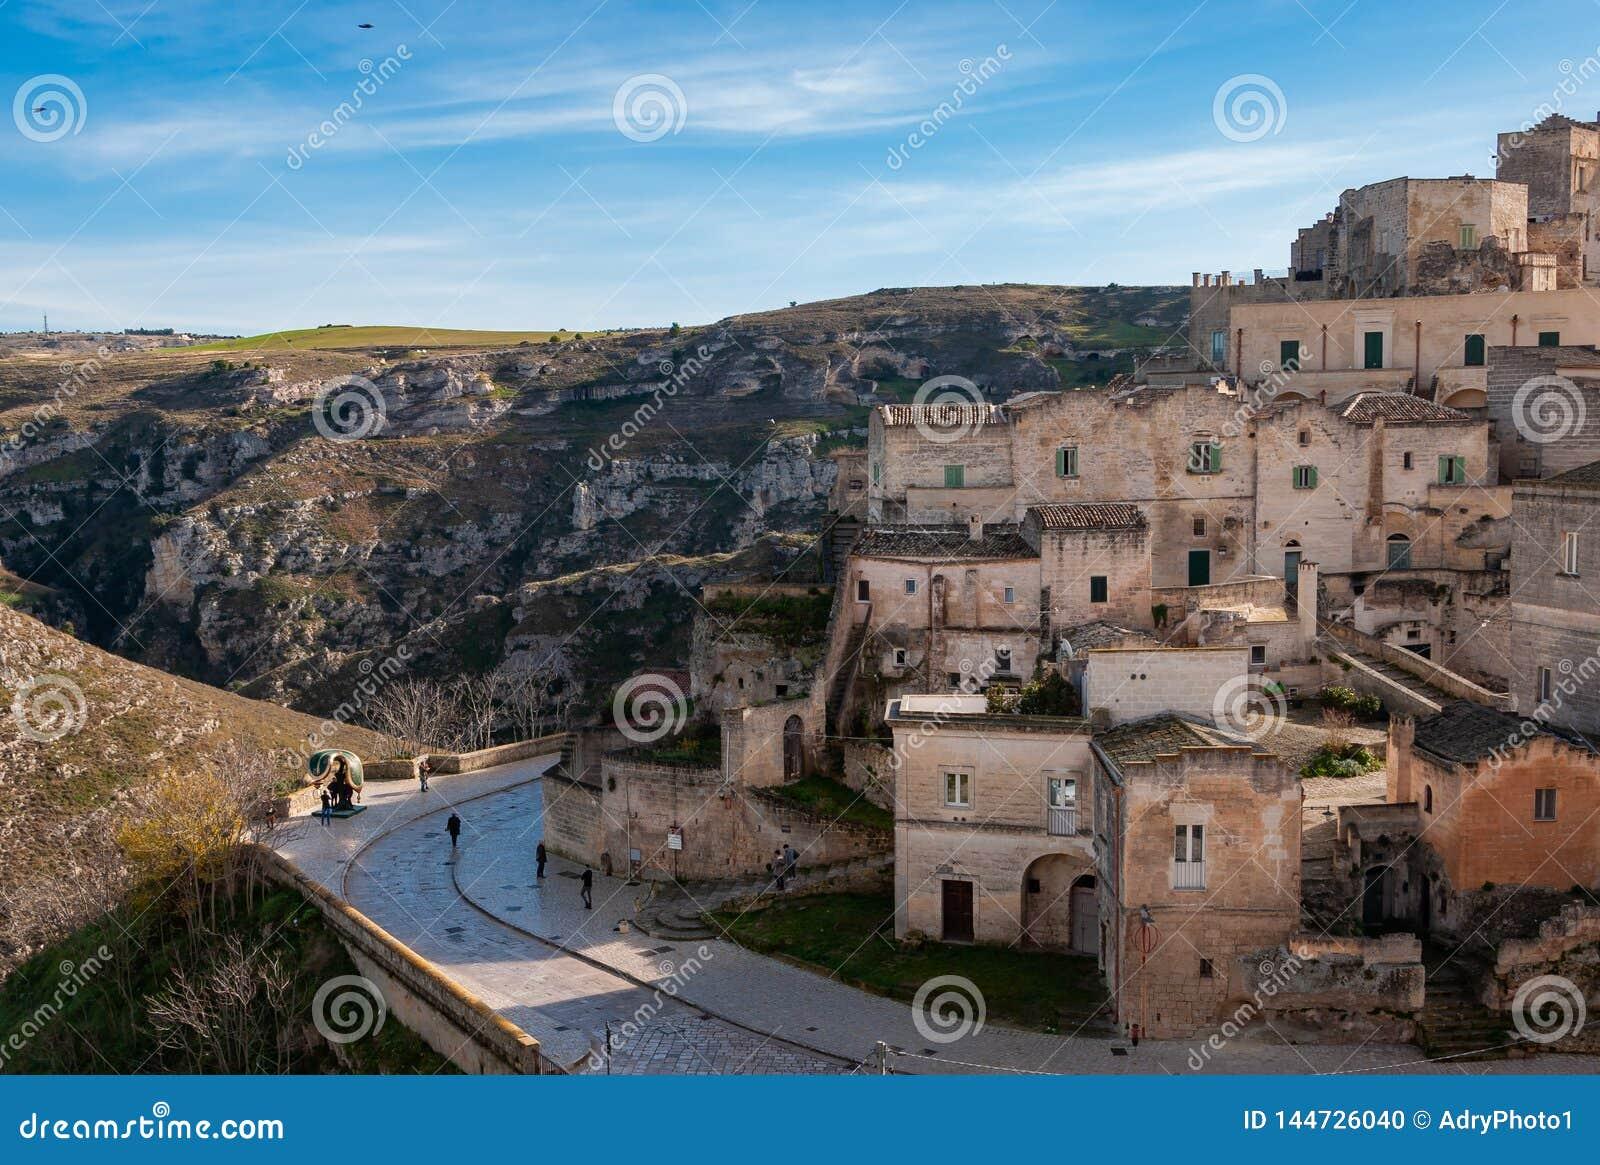 Matera, capitale europea di cultura 2019 La Basilicata, Italia